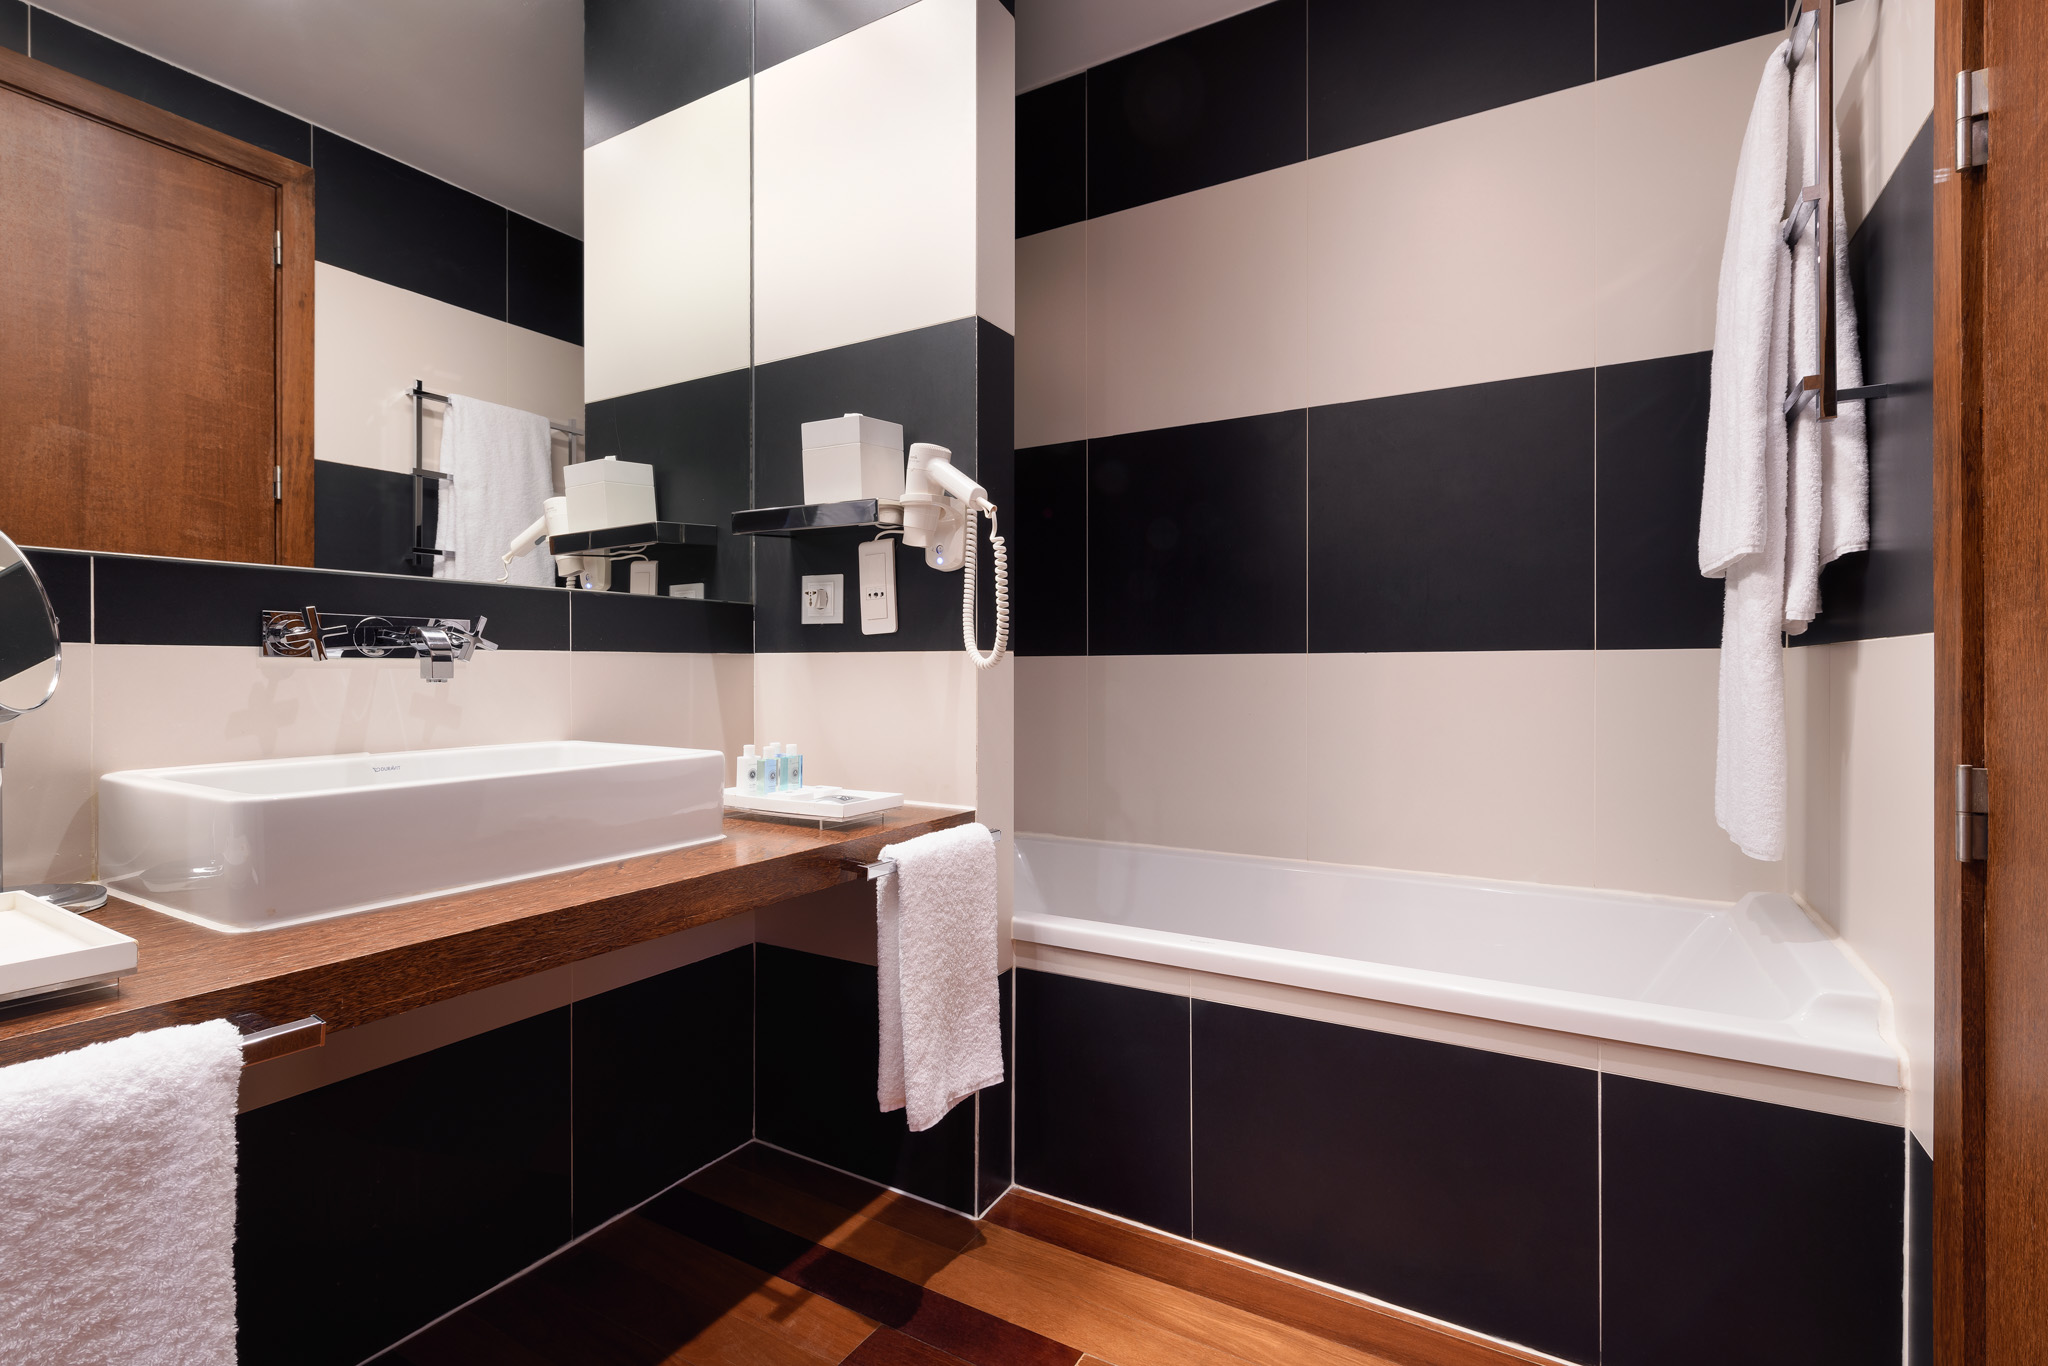 05-Quarto 214-casa de banho.jpg